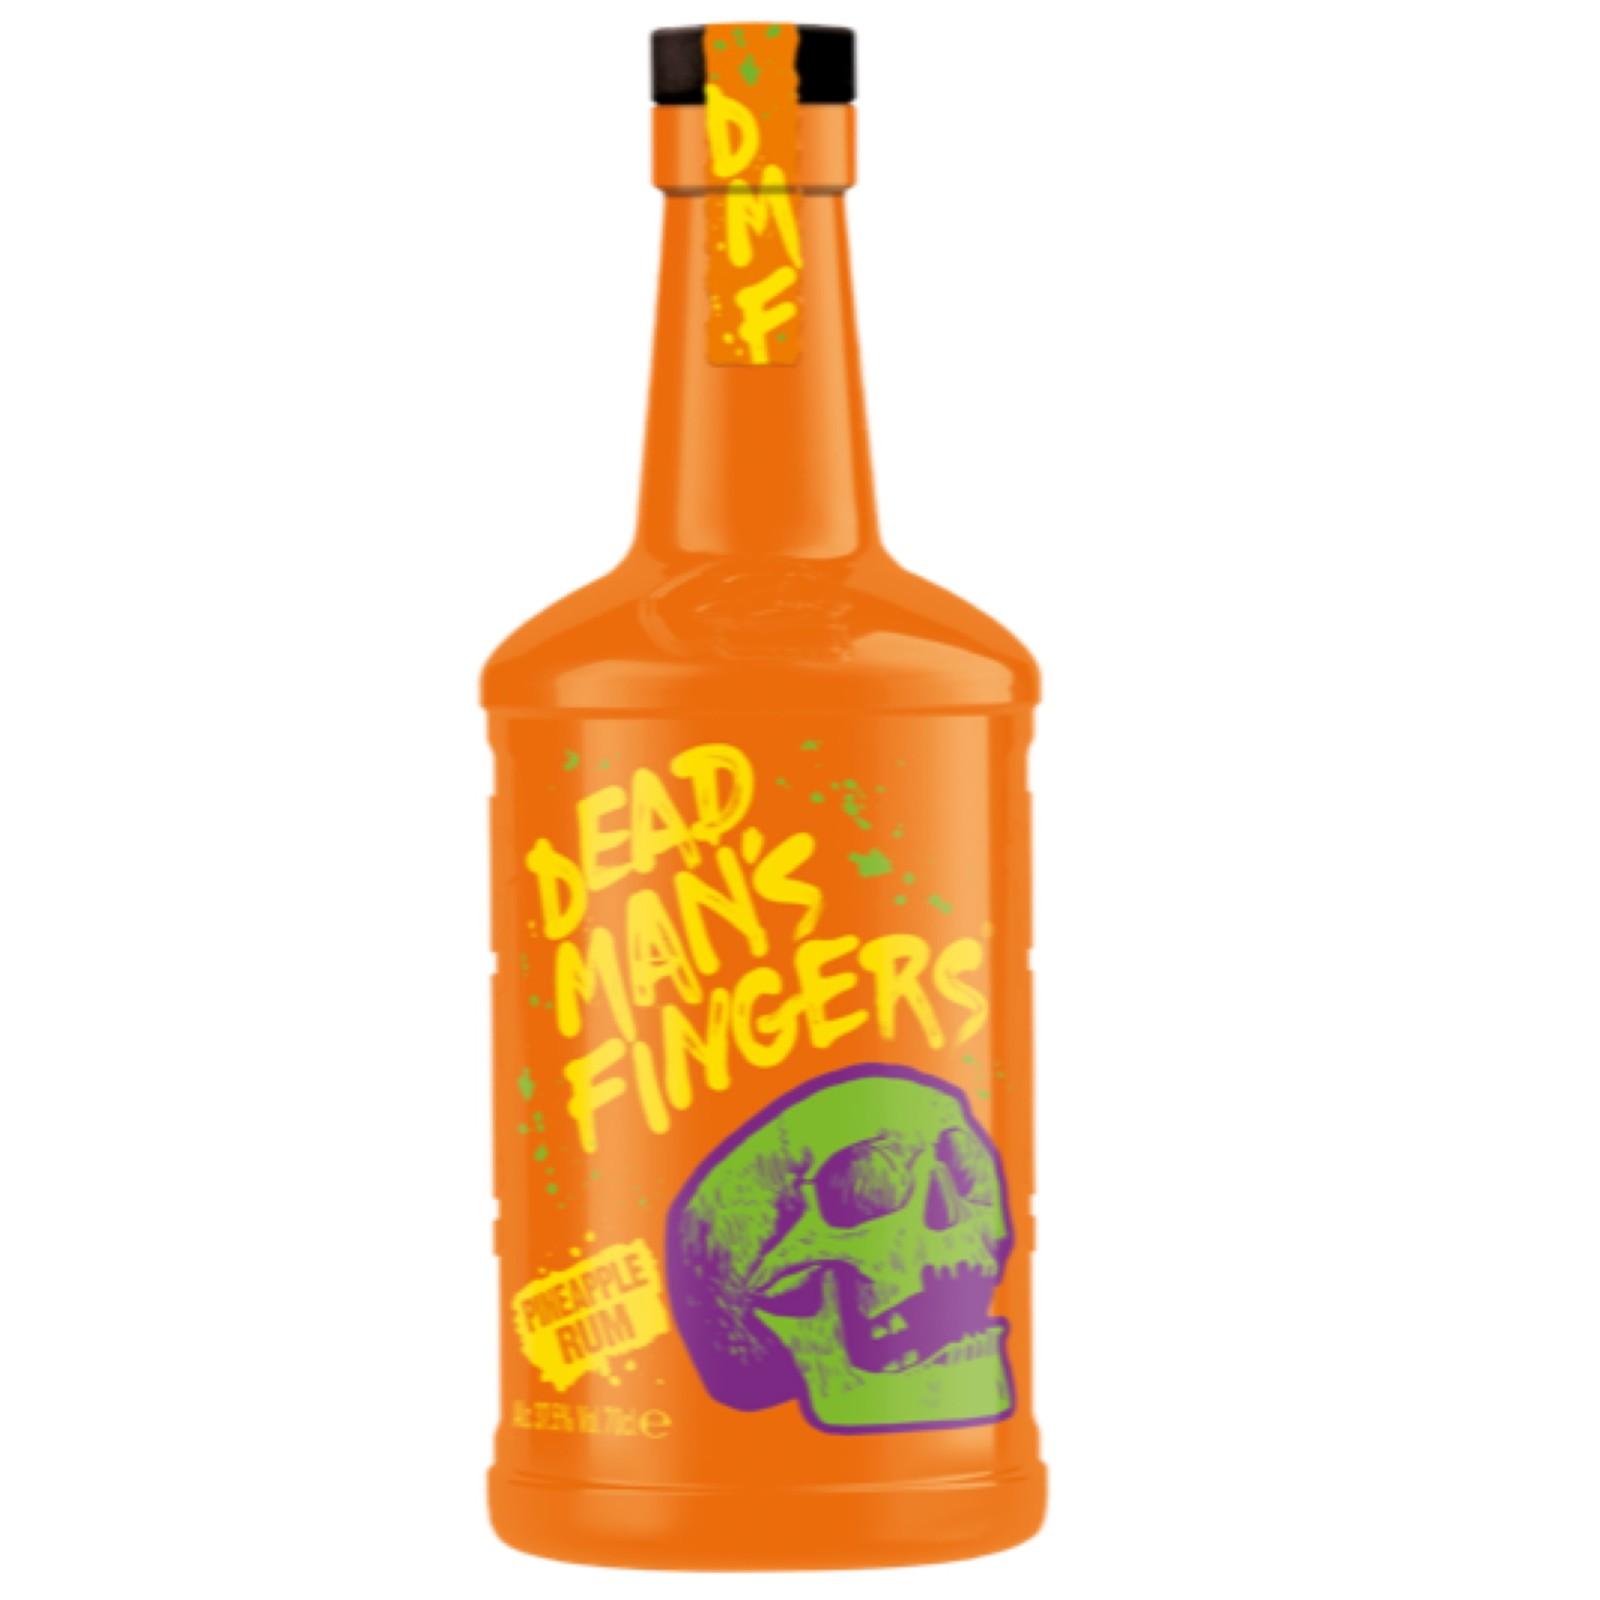 Dead Man's Fingers Pineapple Rum 37.5% 700ml